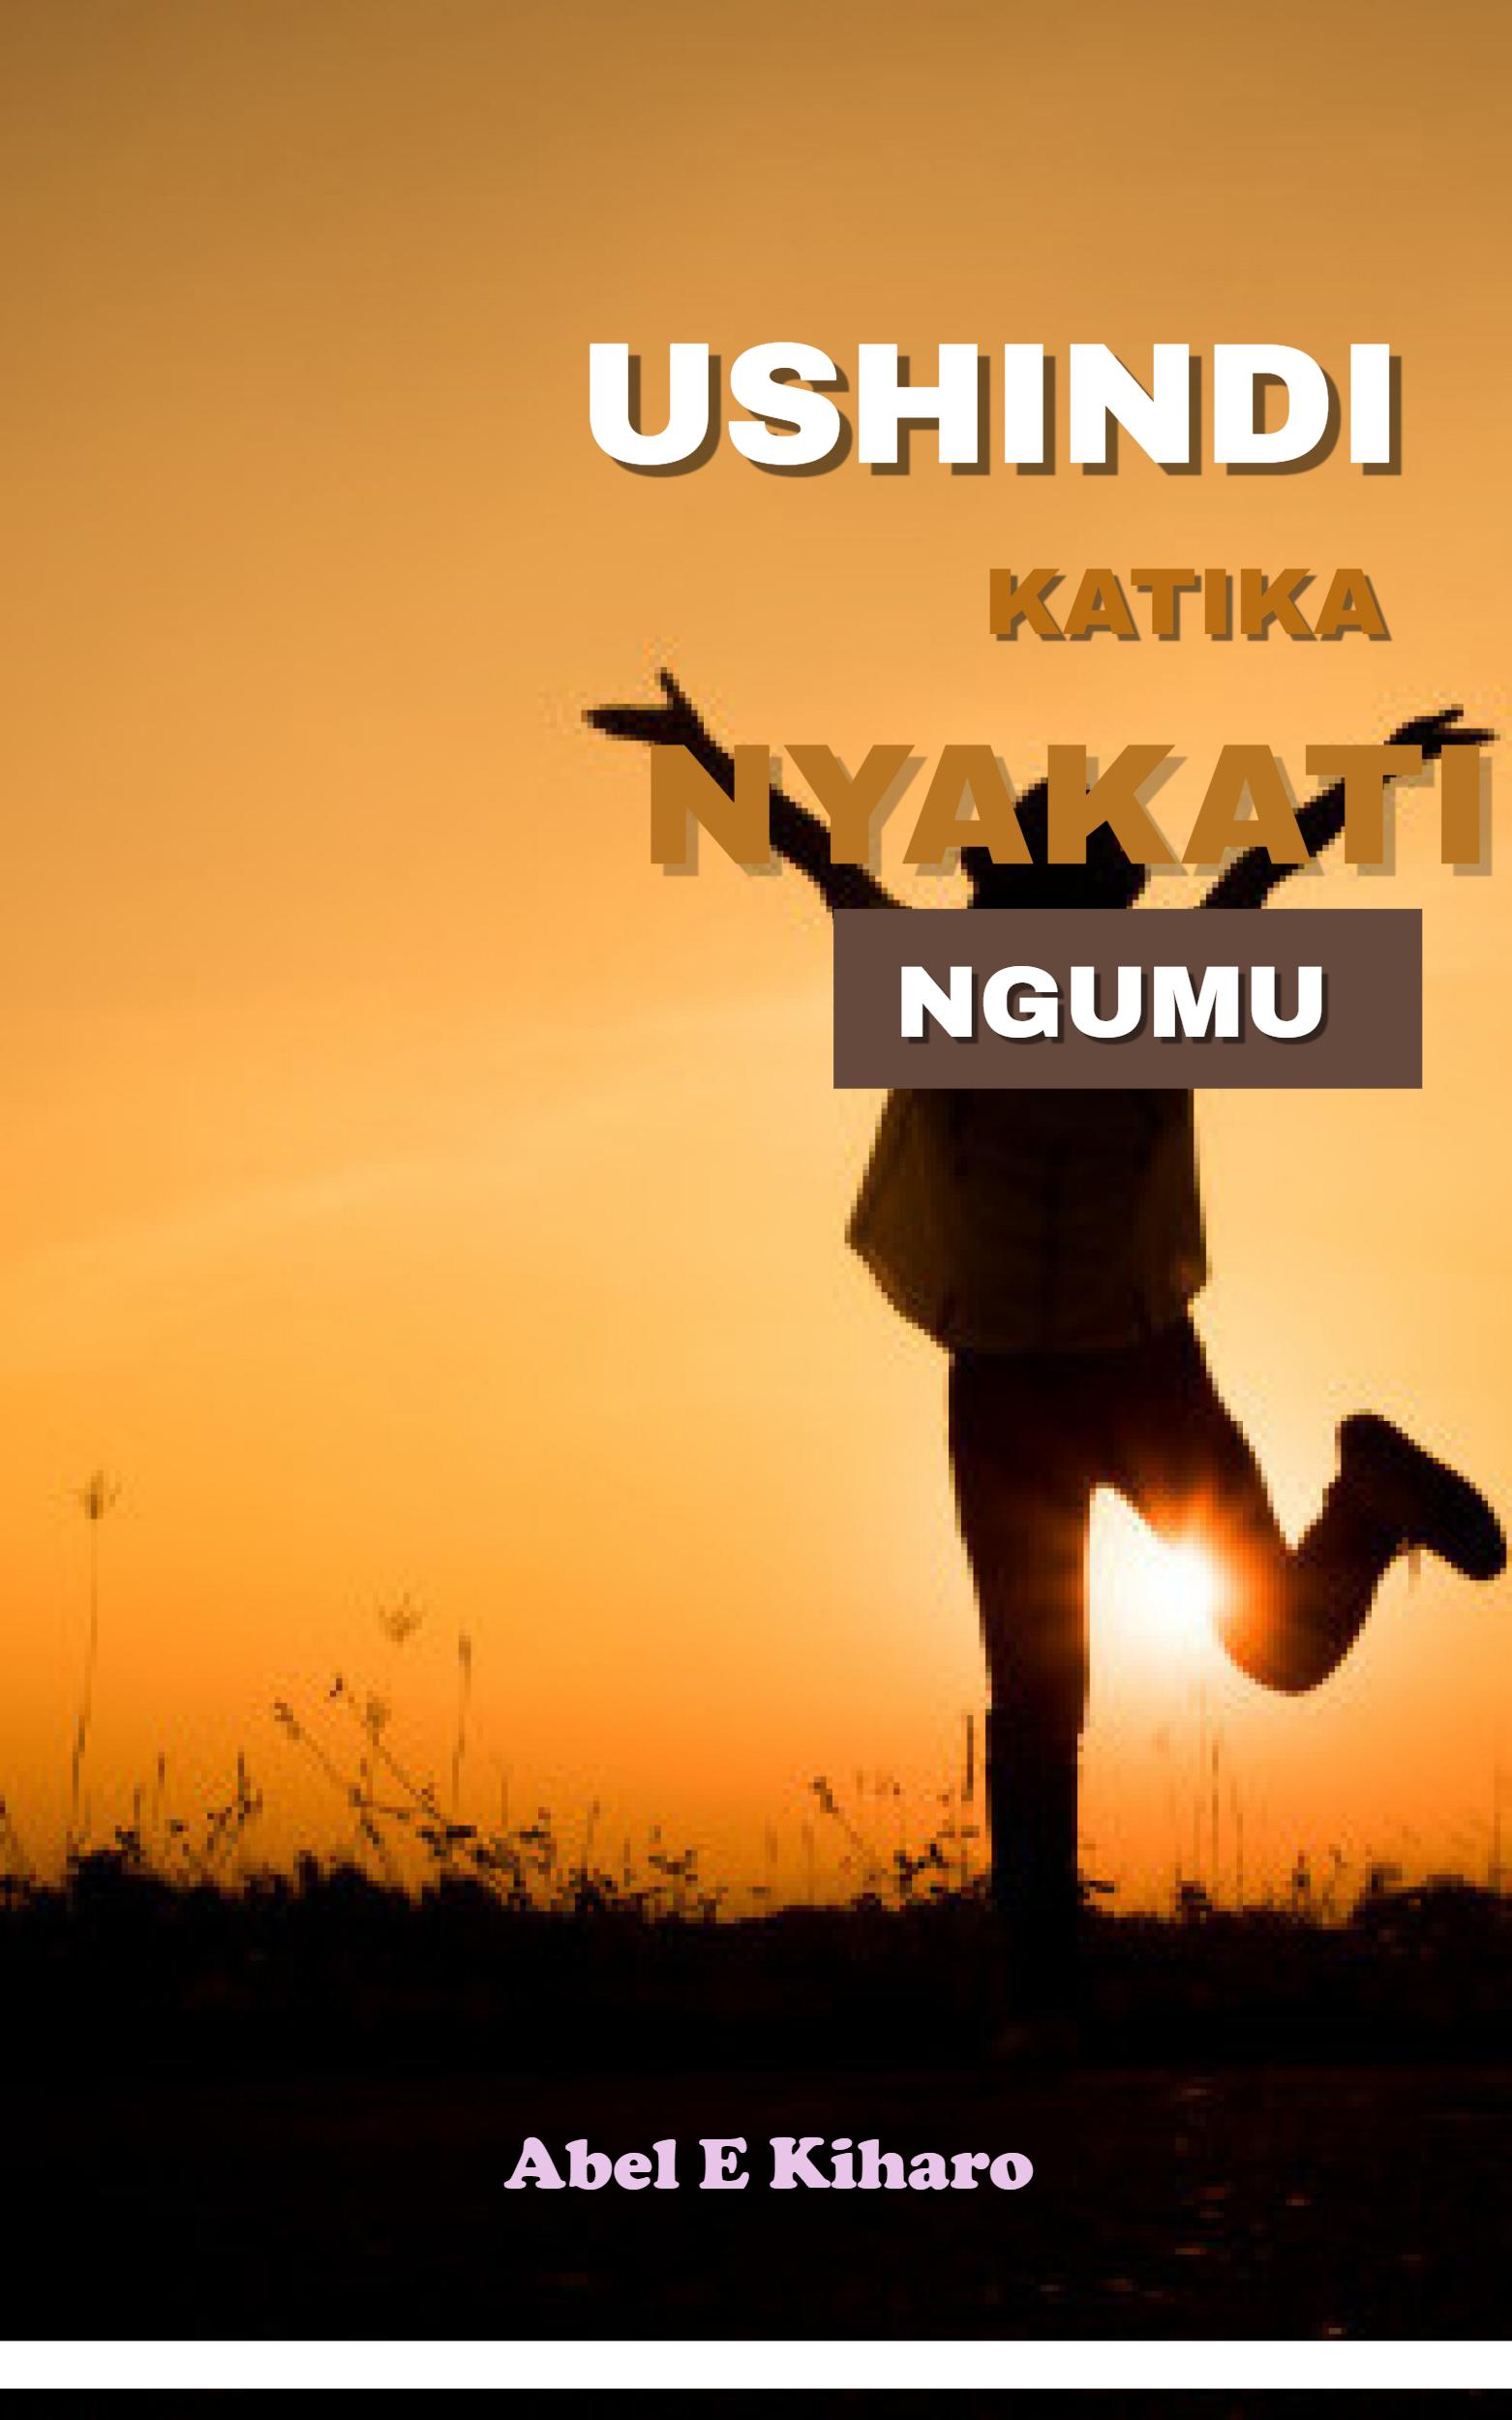 Ushindi Katika Nyakati Ngumu